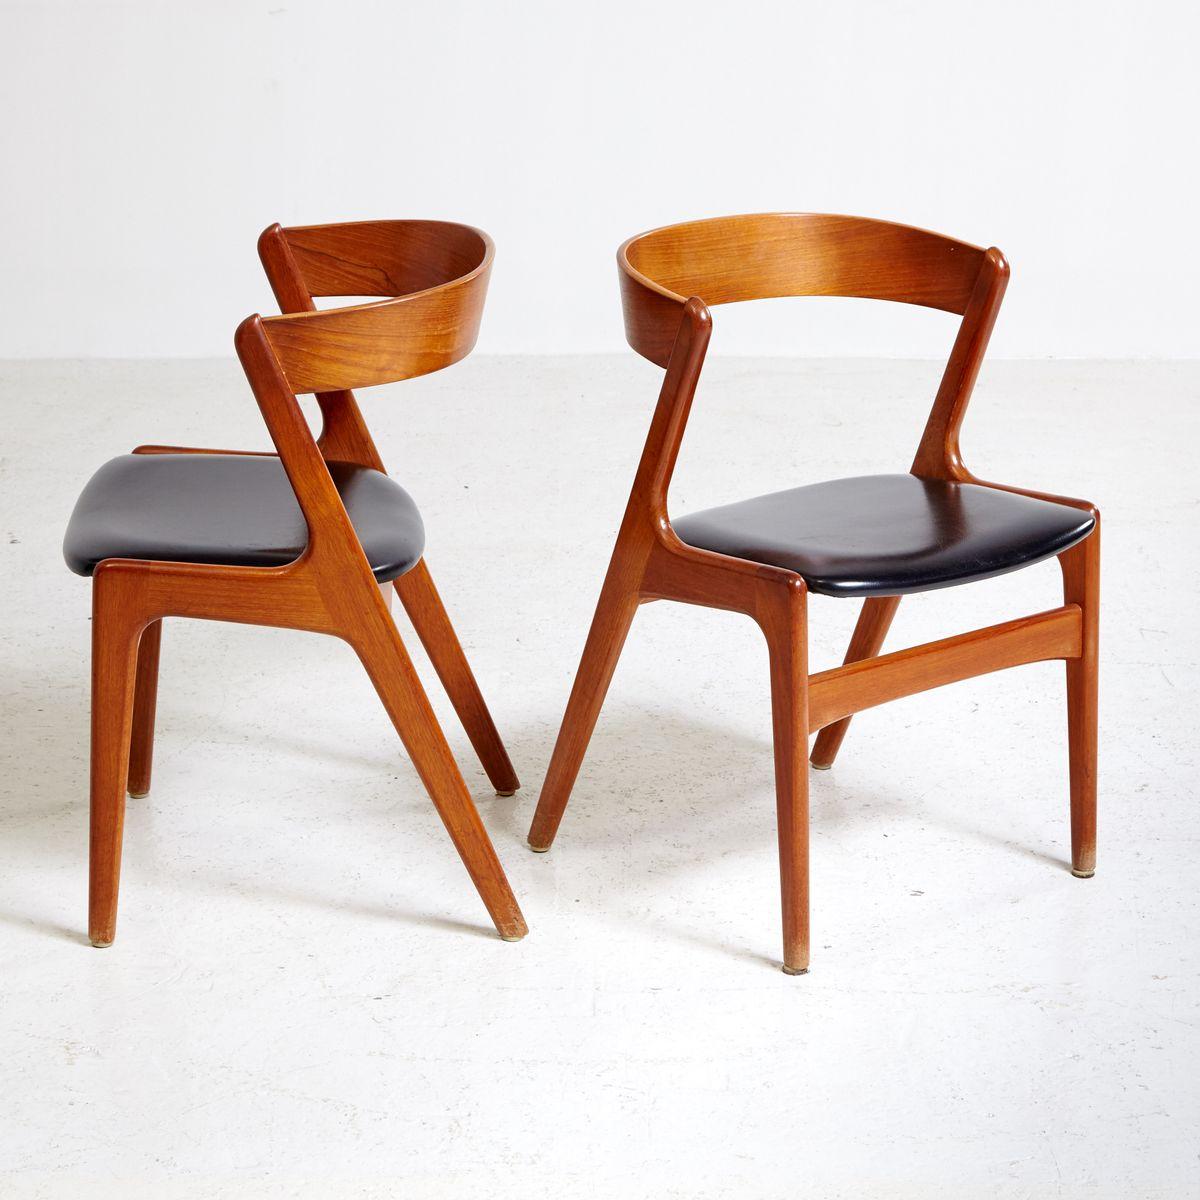 d nischer teak stuhl mit ledersitz 1960er bei pamono kaufen. Black Bedroom Furniture Sets. Home Design Ideas